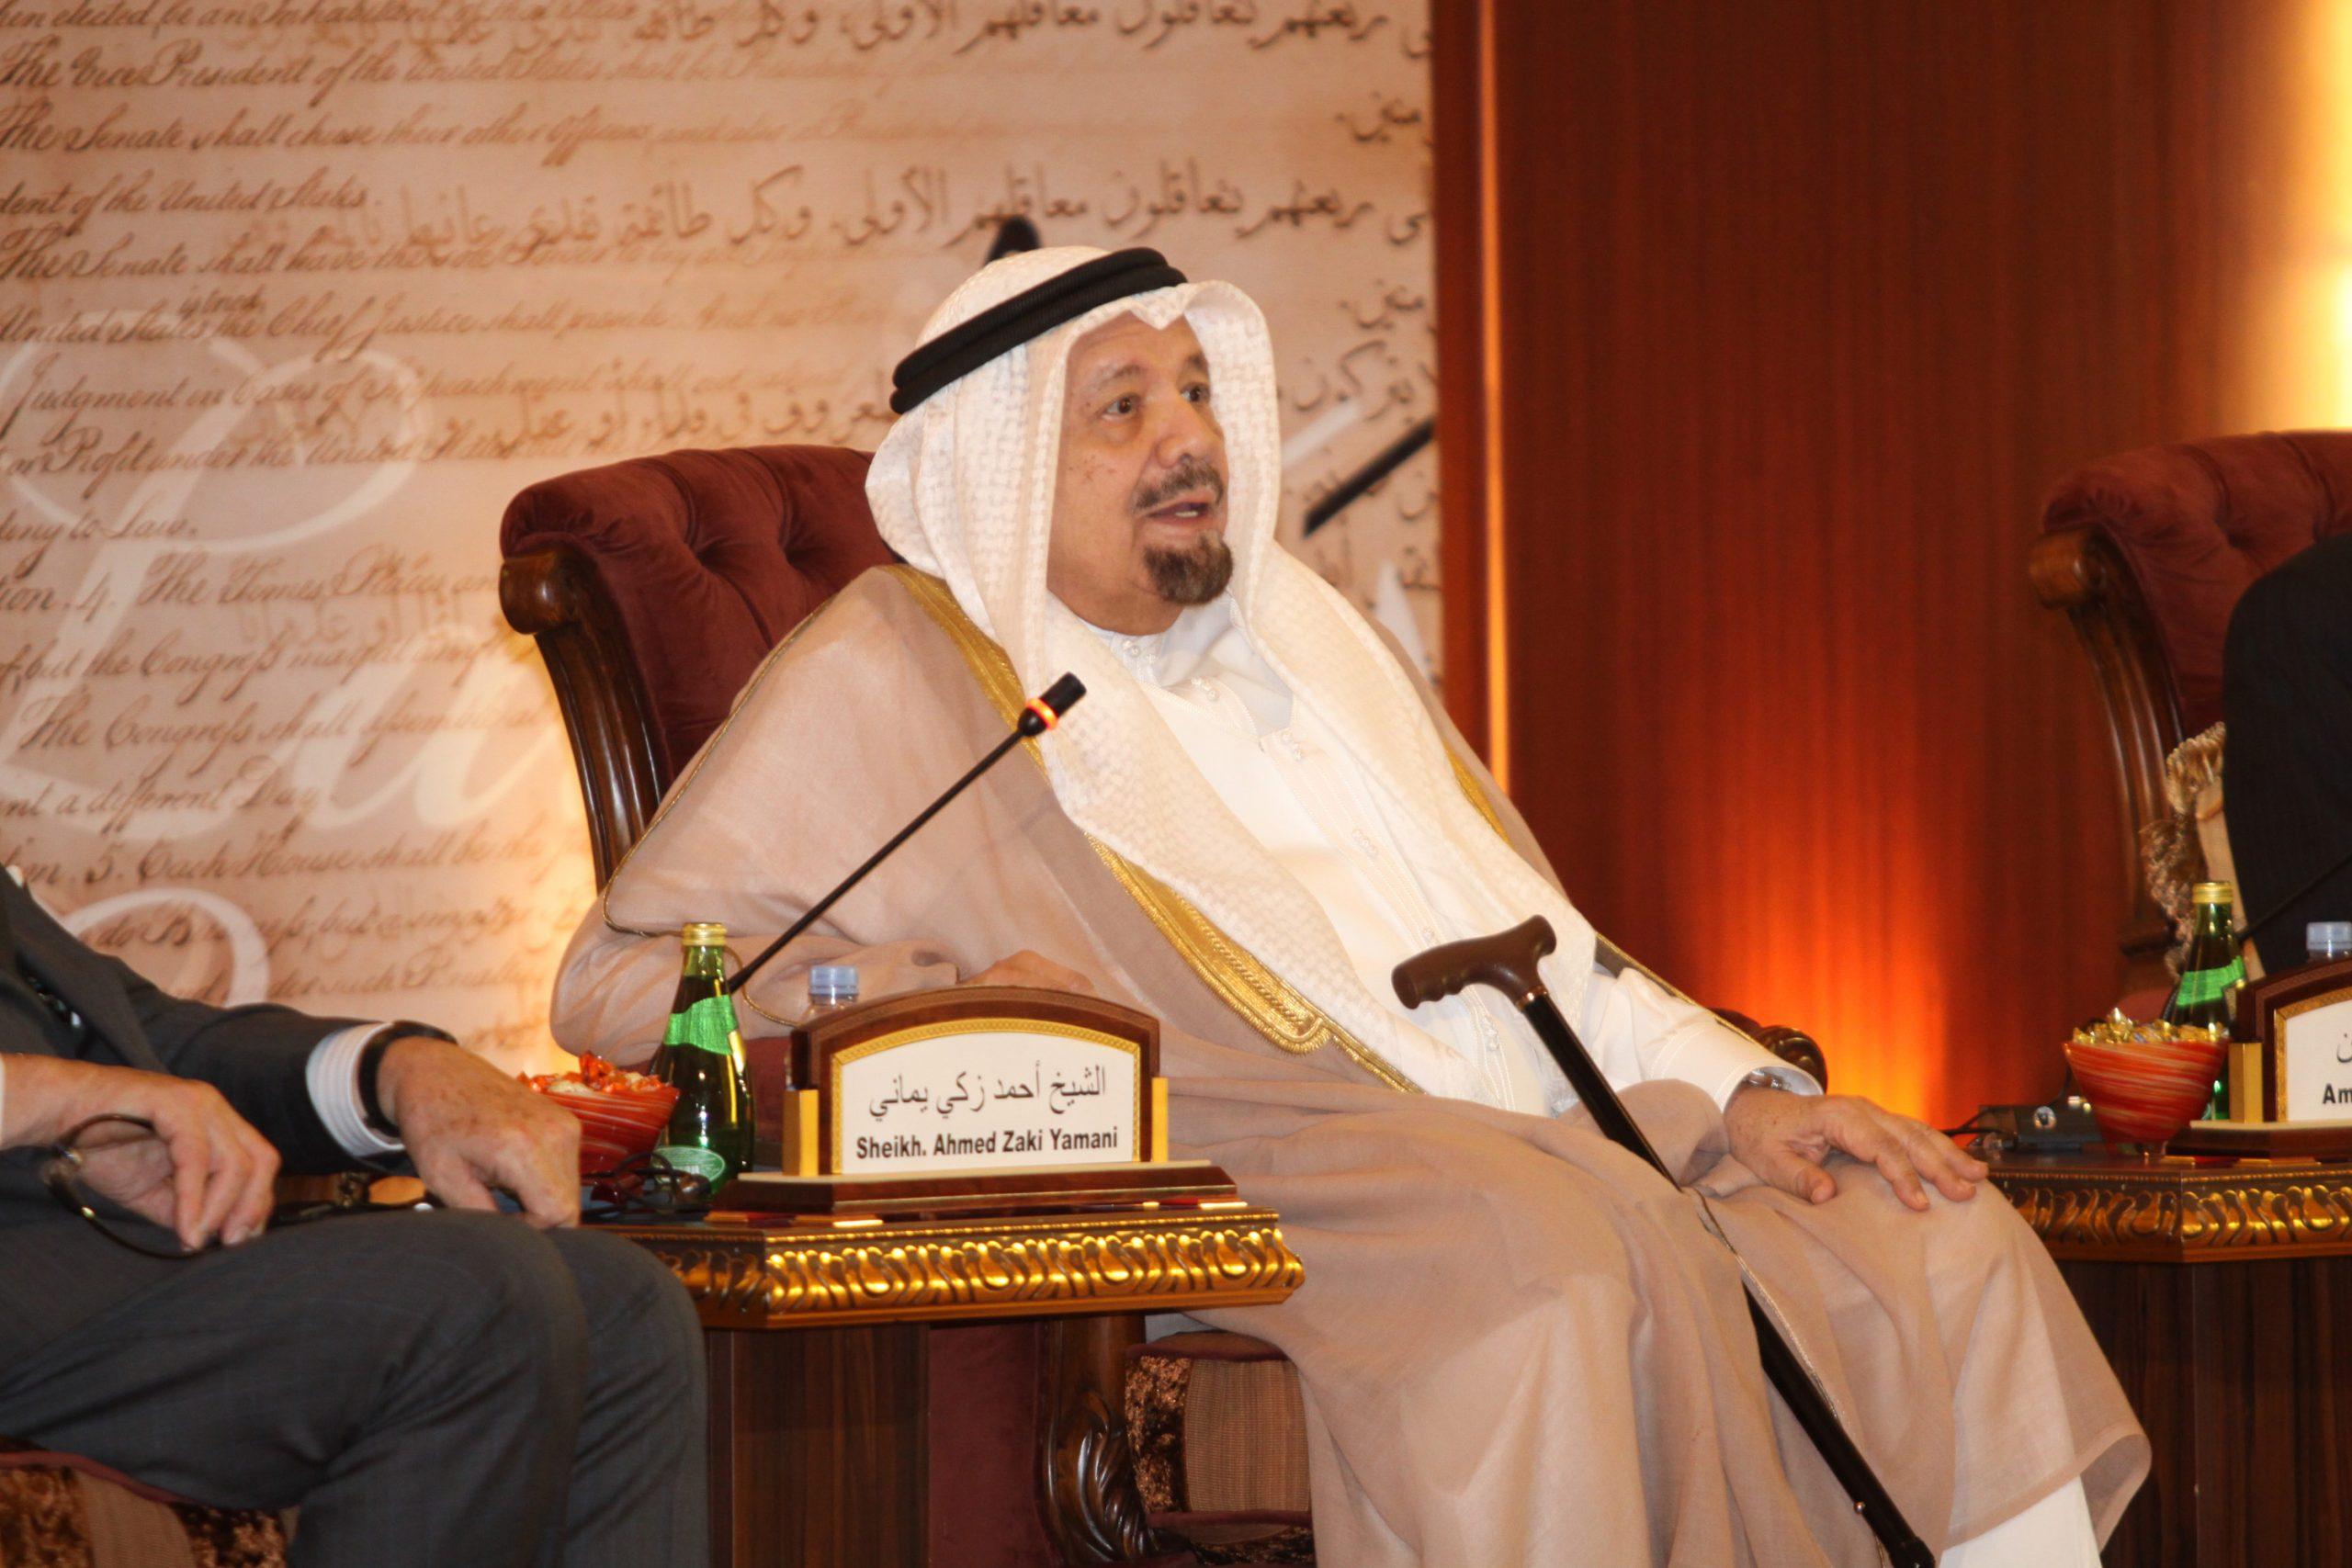 السعودي أحمد يماني